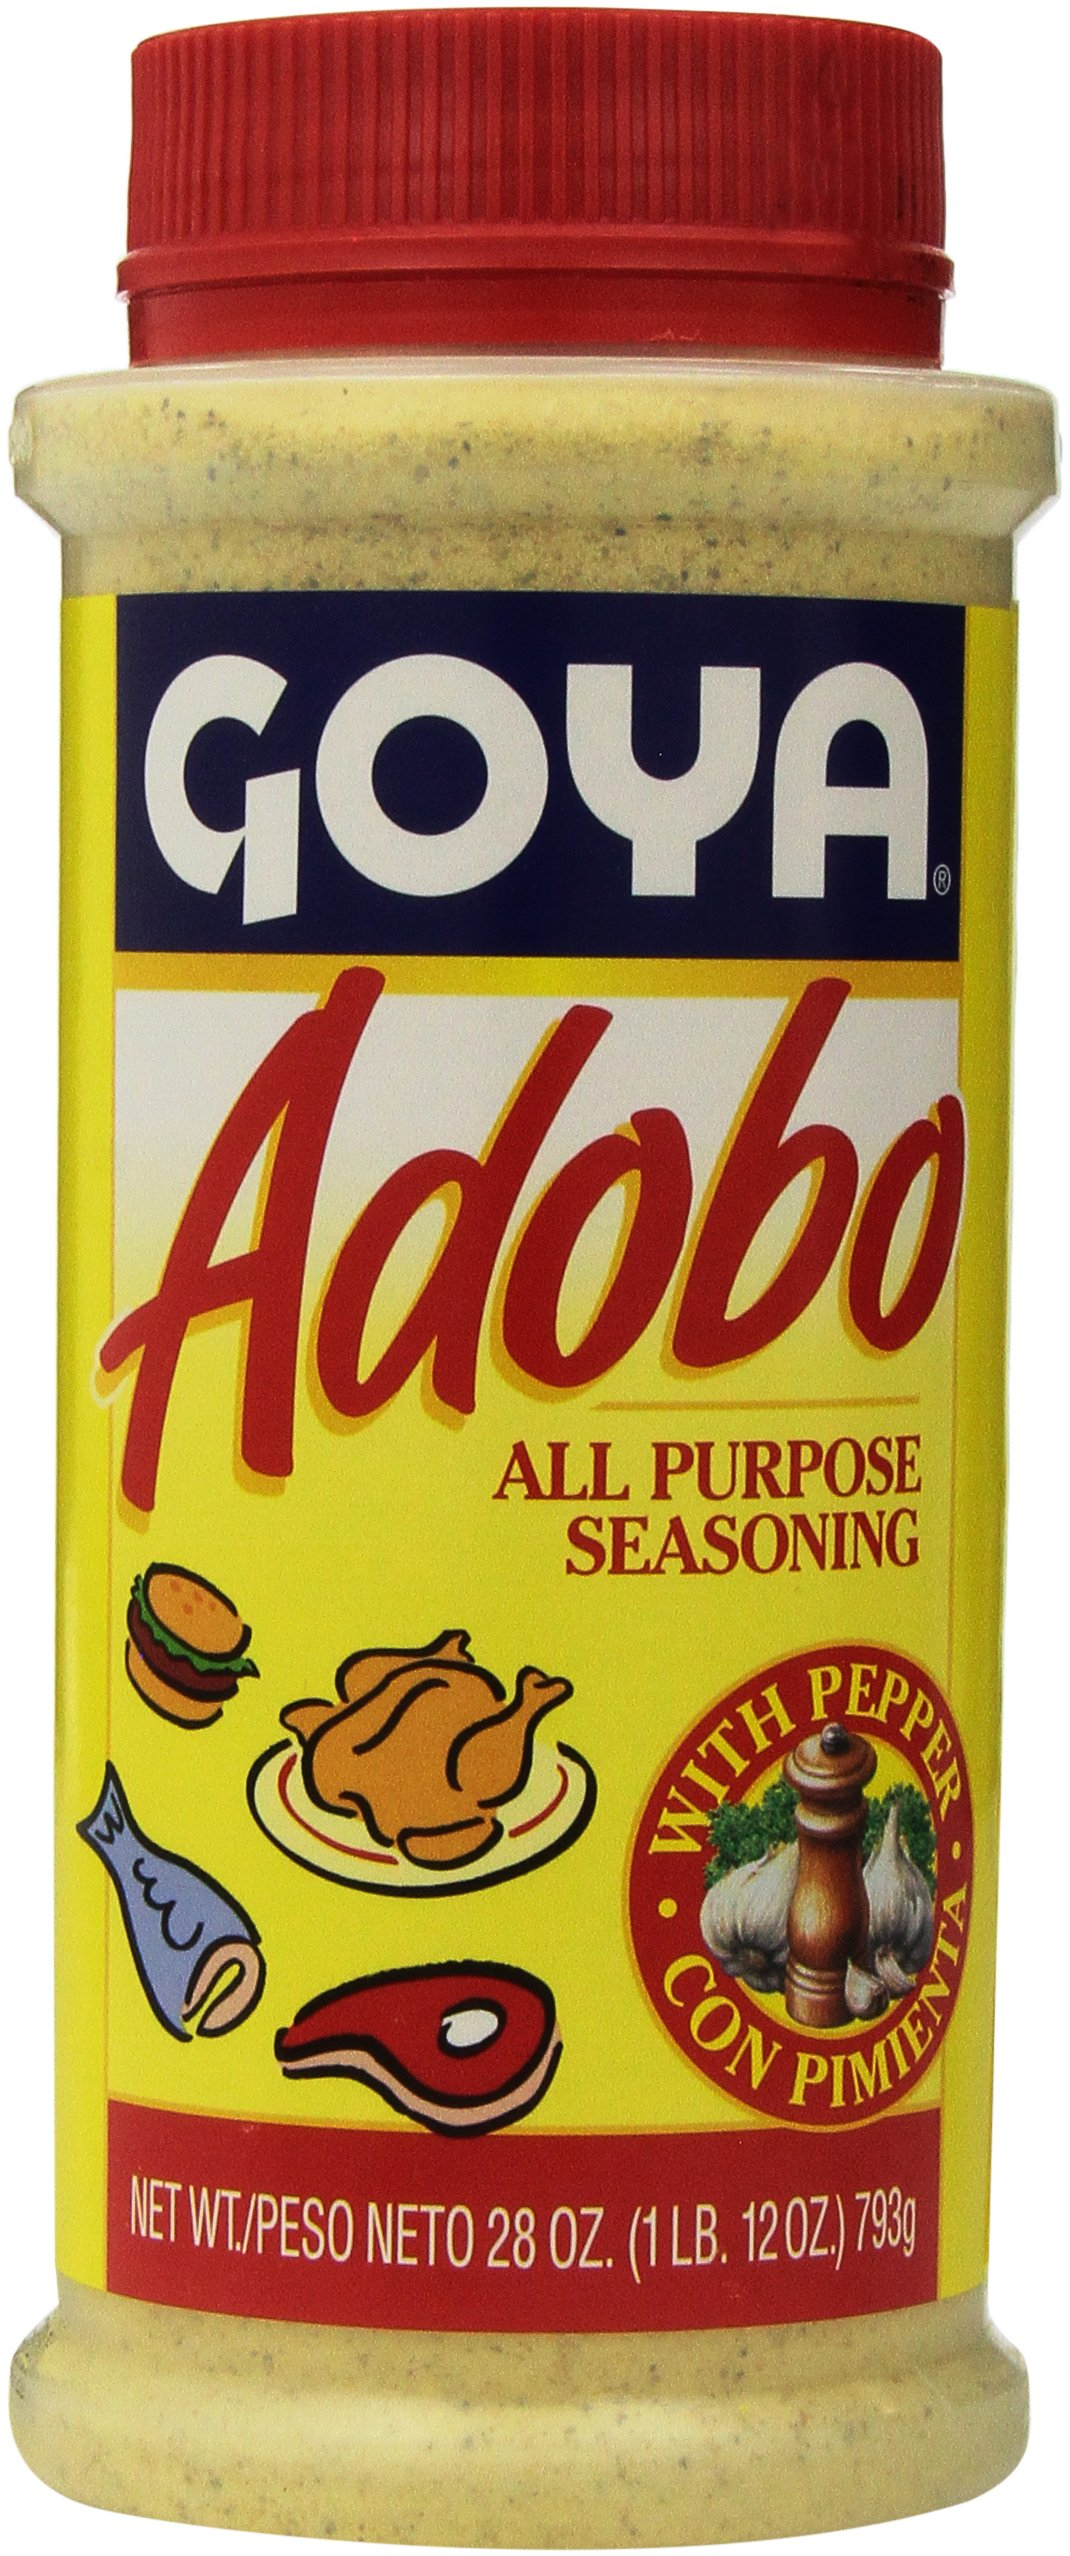 Goya Adobo All Purpose Seasoning 28 Ounces Jar (2 Pack)